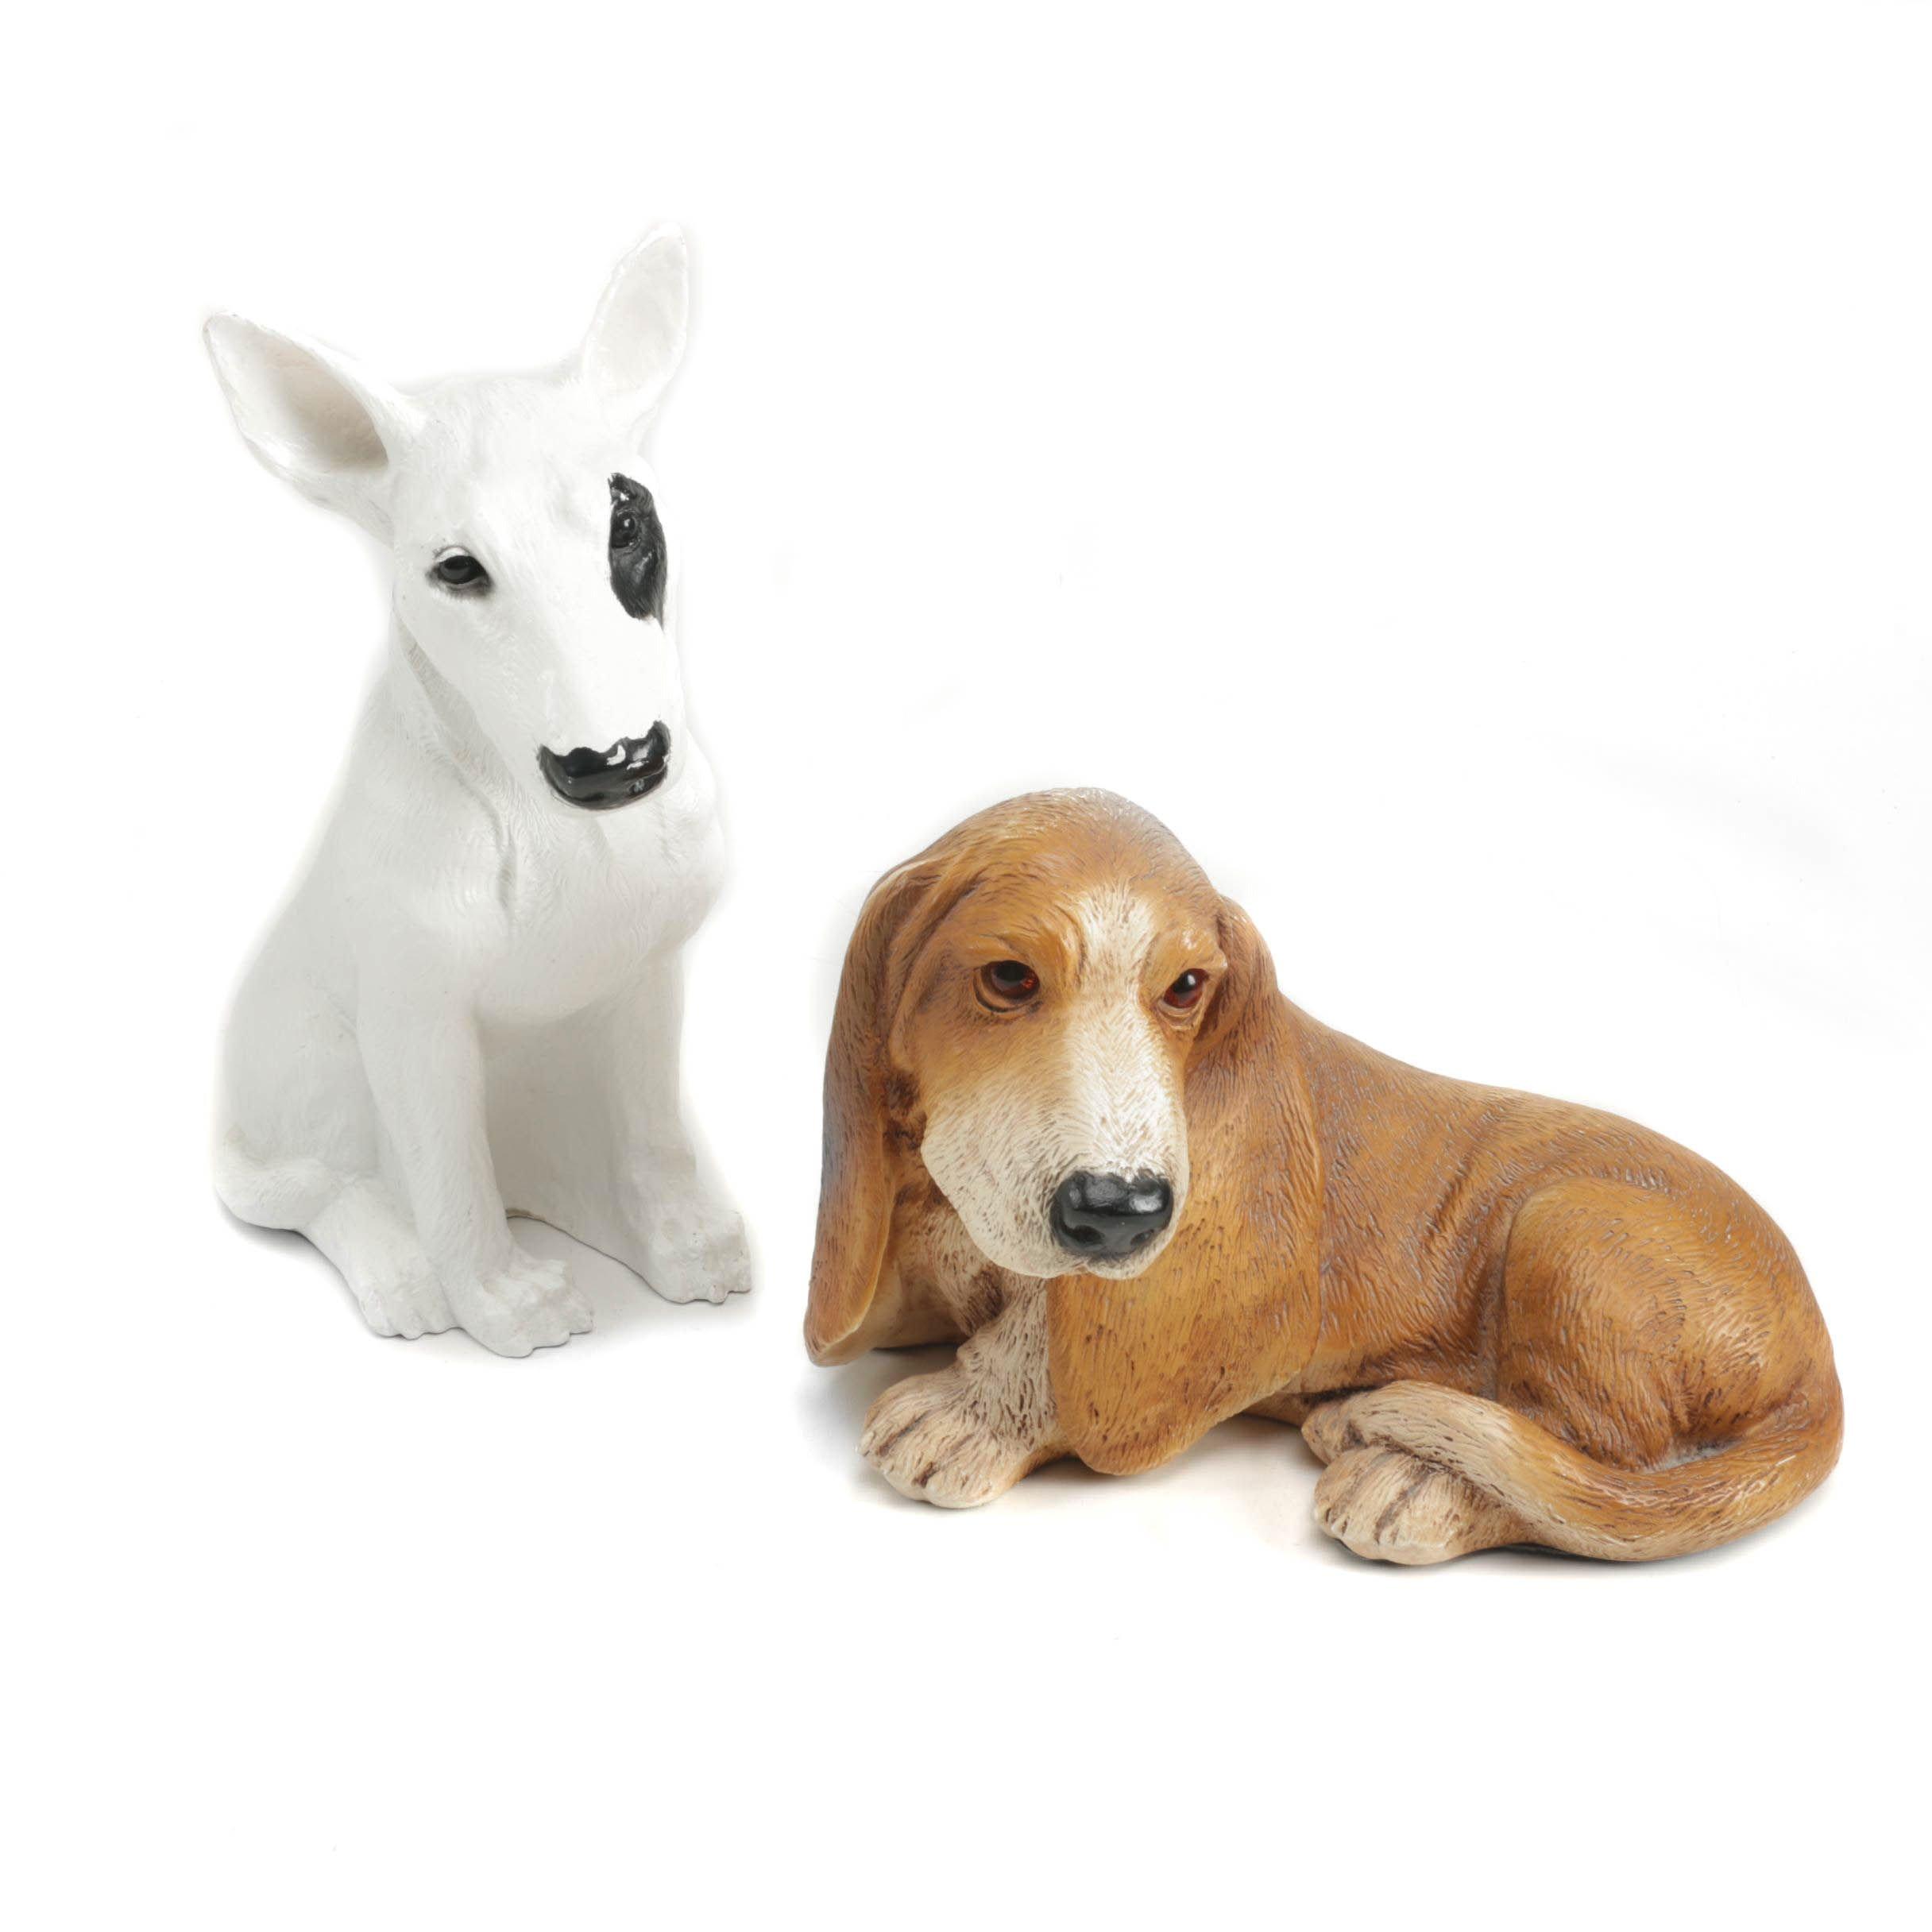 Pair of Ceramic Dog Figurines